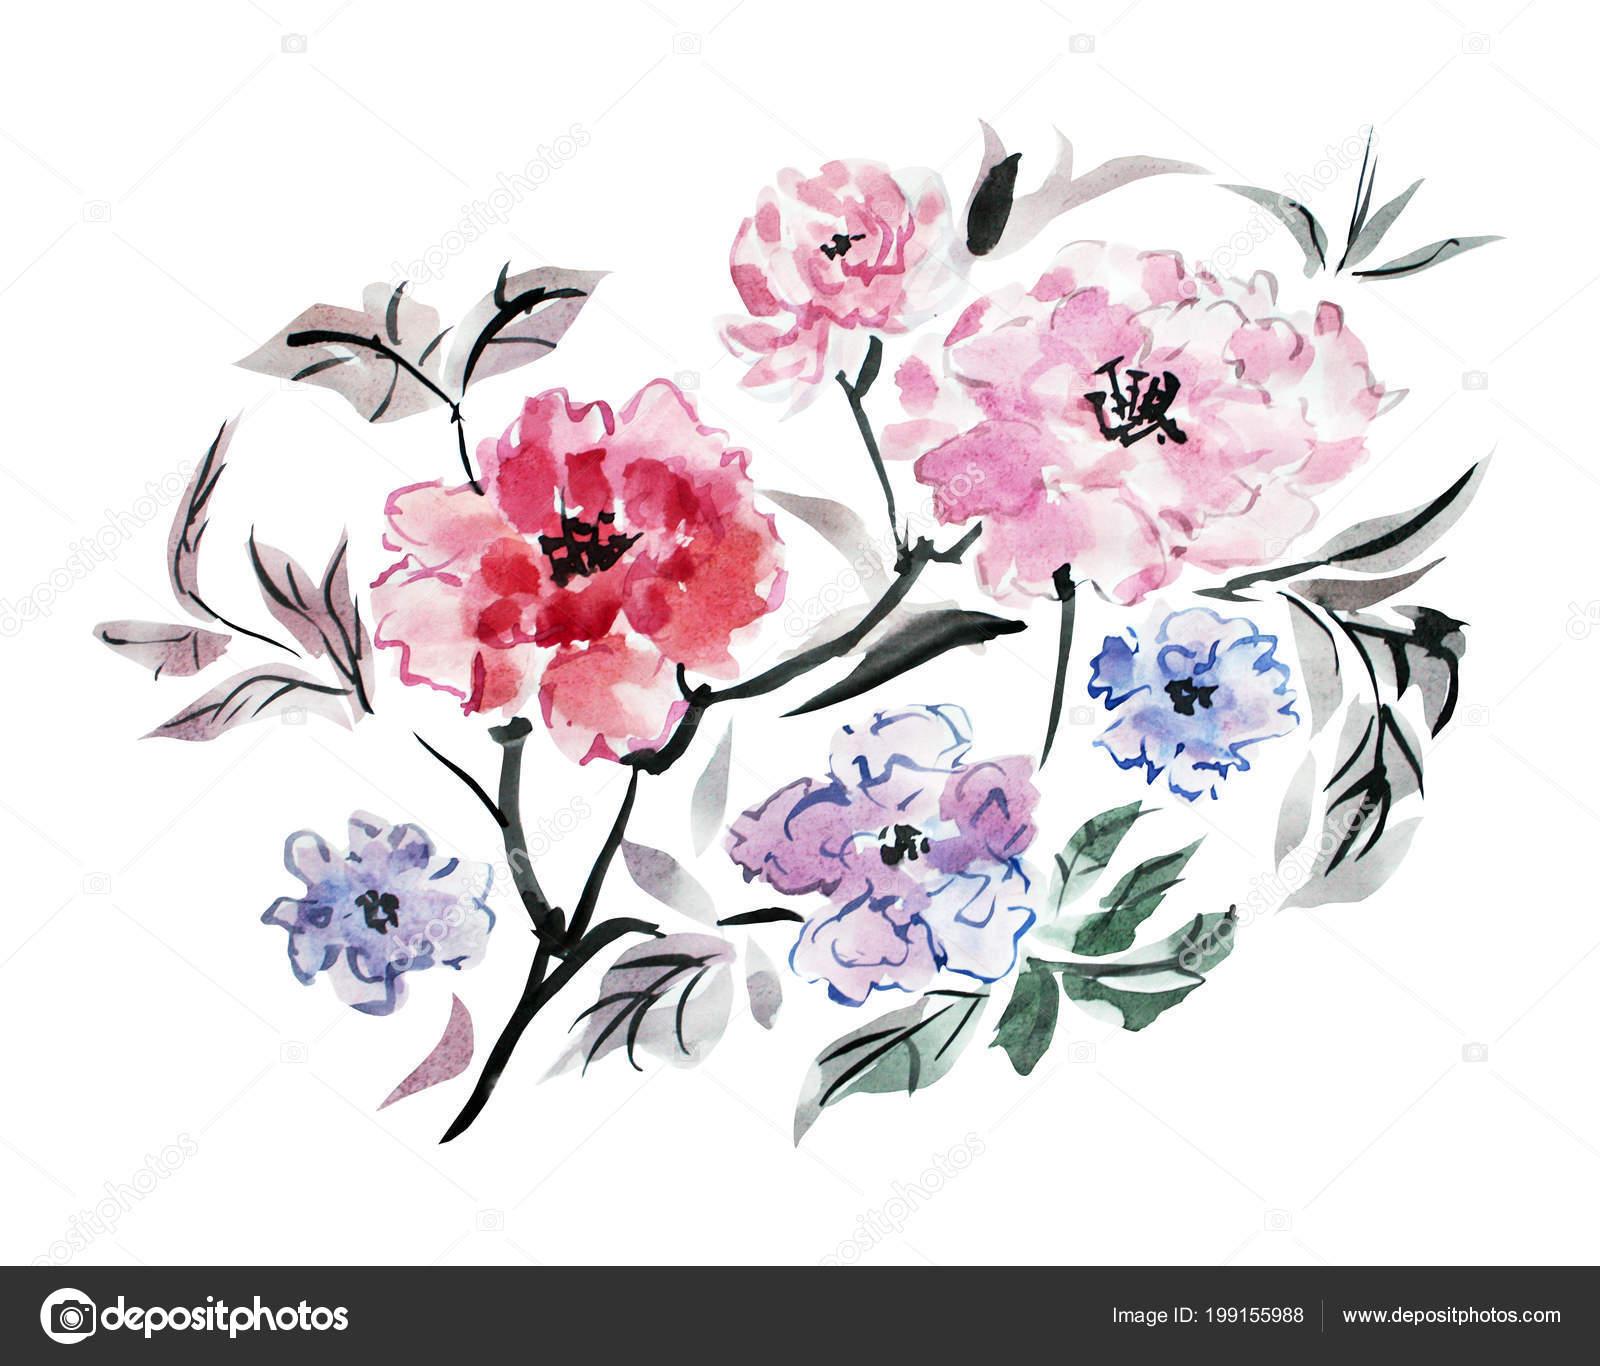 Ozdobny Piwonia Akwarela Kwiaty Clipart Elementy Projektu